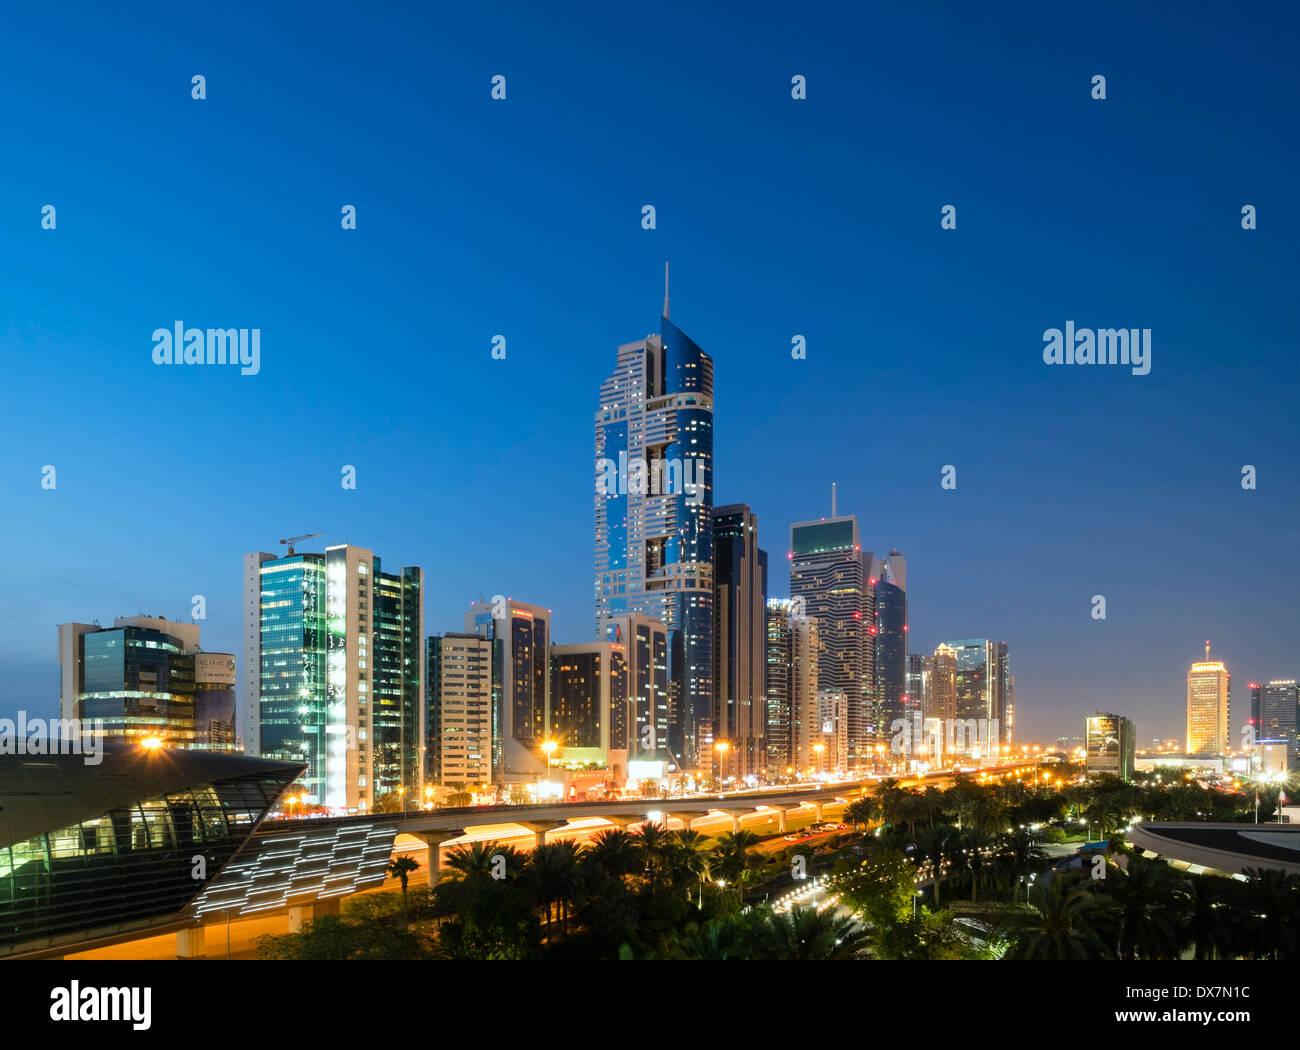 La tombée de la vue sur des toits de gratte-ciel le long de la route Sheikh Zayed à Dubaï Émirats Arabes Unis Photo Stock